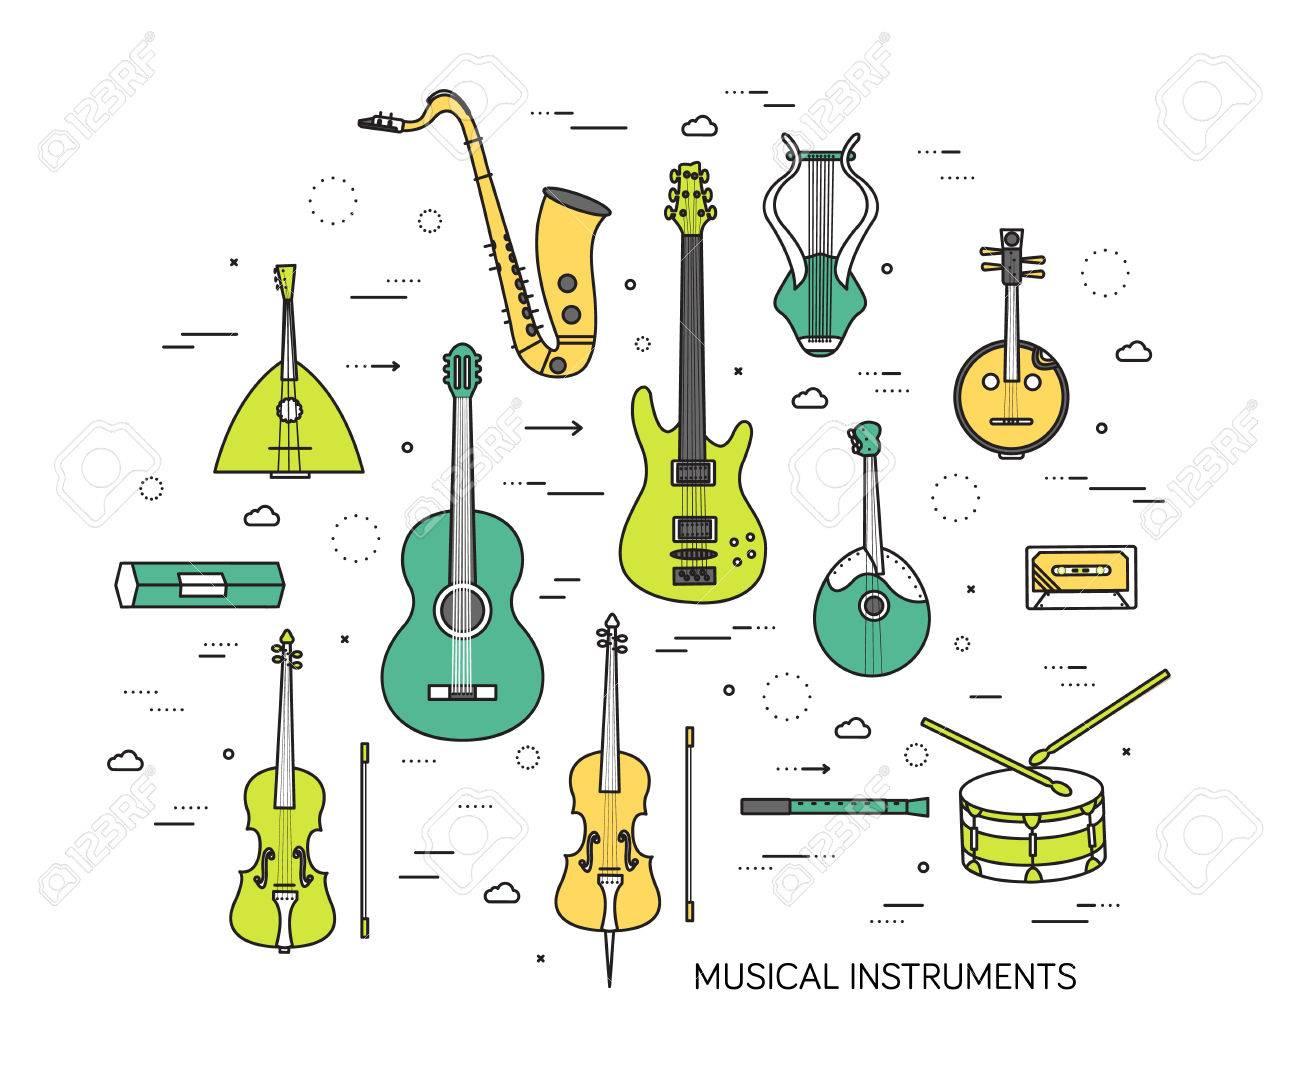 Jeu De Ligne Mince D'instruments De Musique Illustration Moderne Concept.  Manière Graphic De Mélodie Concert. Les Icônes Sur Fond. Flat Design concernant Jeux De Musique En Ligne